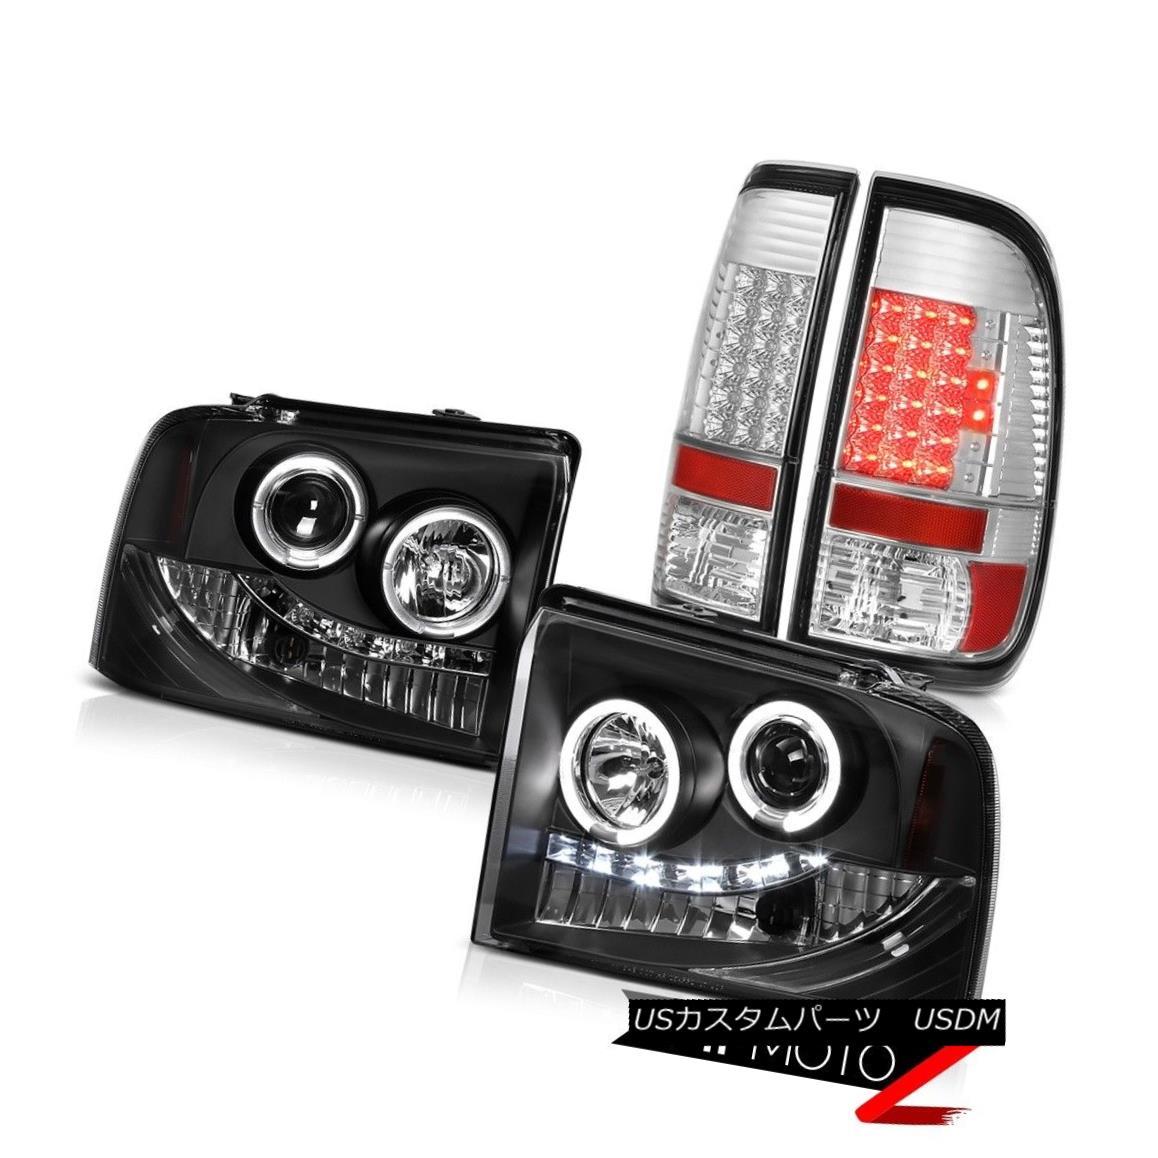 ヘッドライト Matte Halo LED Headlights Brake Lamps Taillights 05 06 07 F350 Harley Davidson マットハローLEDヘッドライトブレーキランプテールライト05 06 07 F350ハーレーダビッドソン